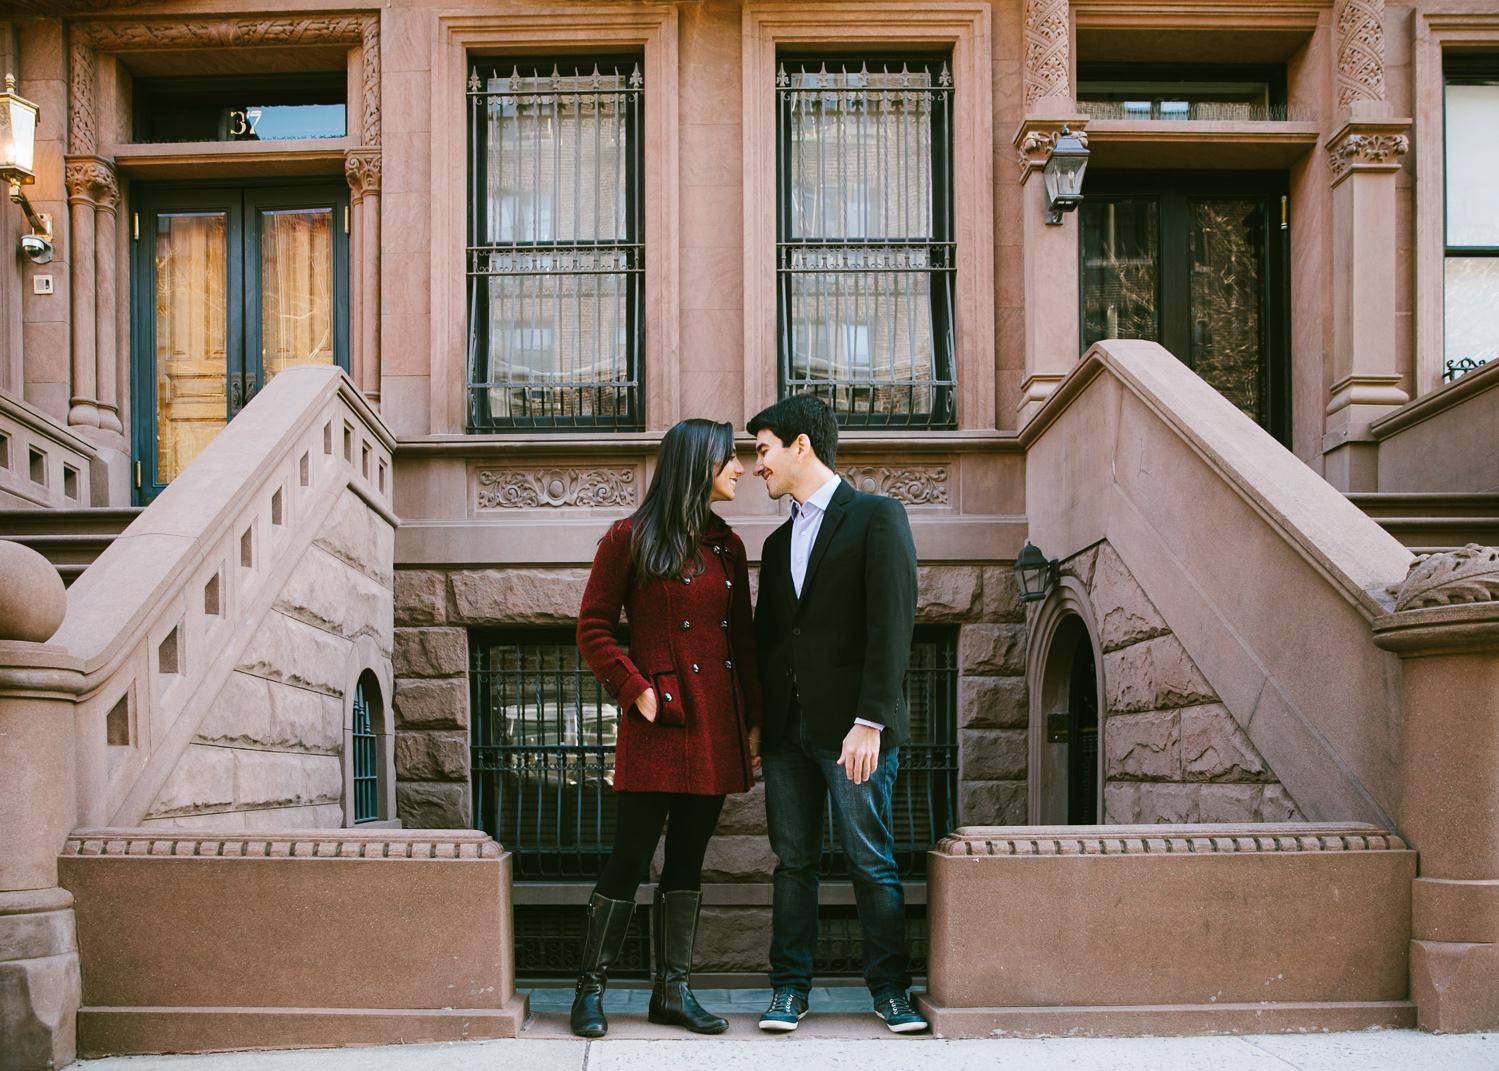 NYC-engagement-photography-by-Tanya-Isaeva-9.jpg